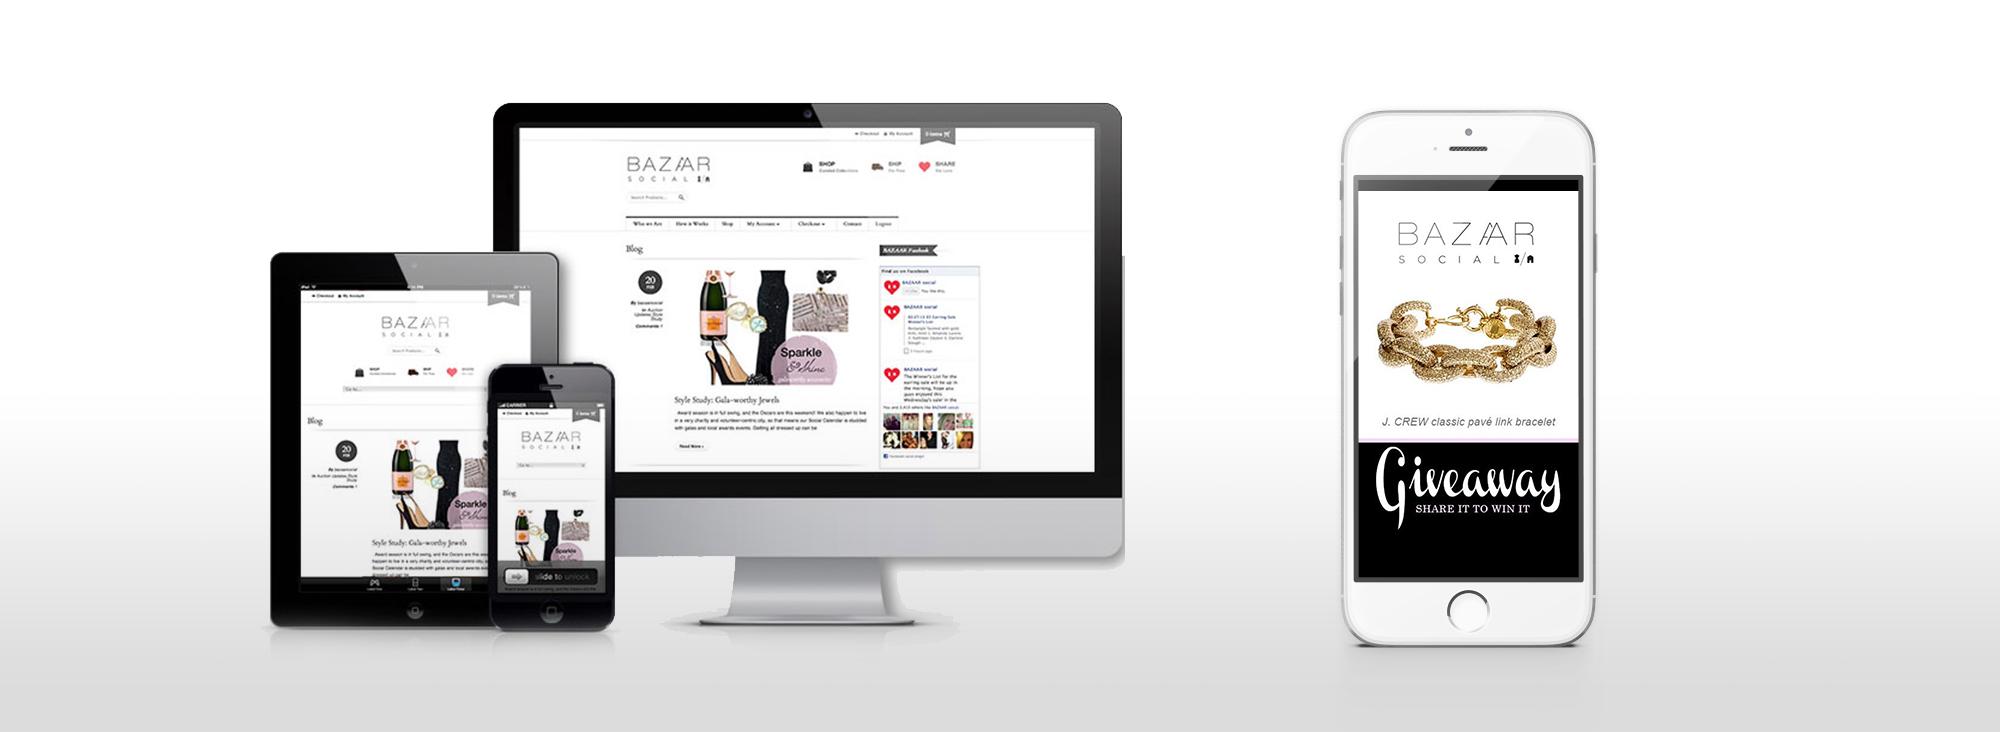 bazaar web